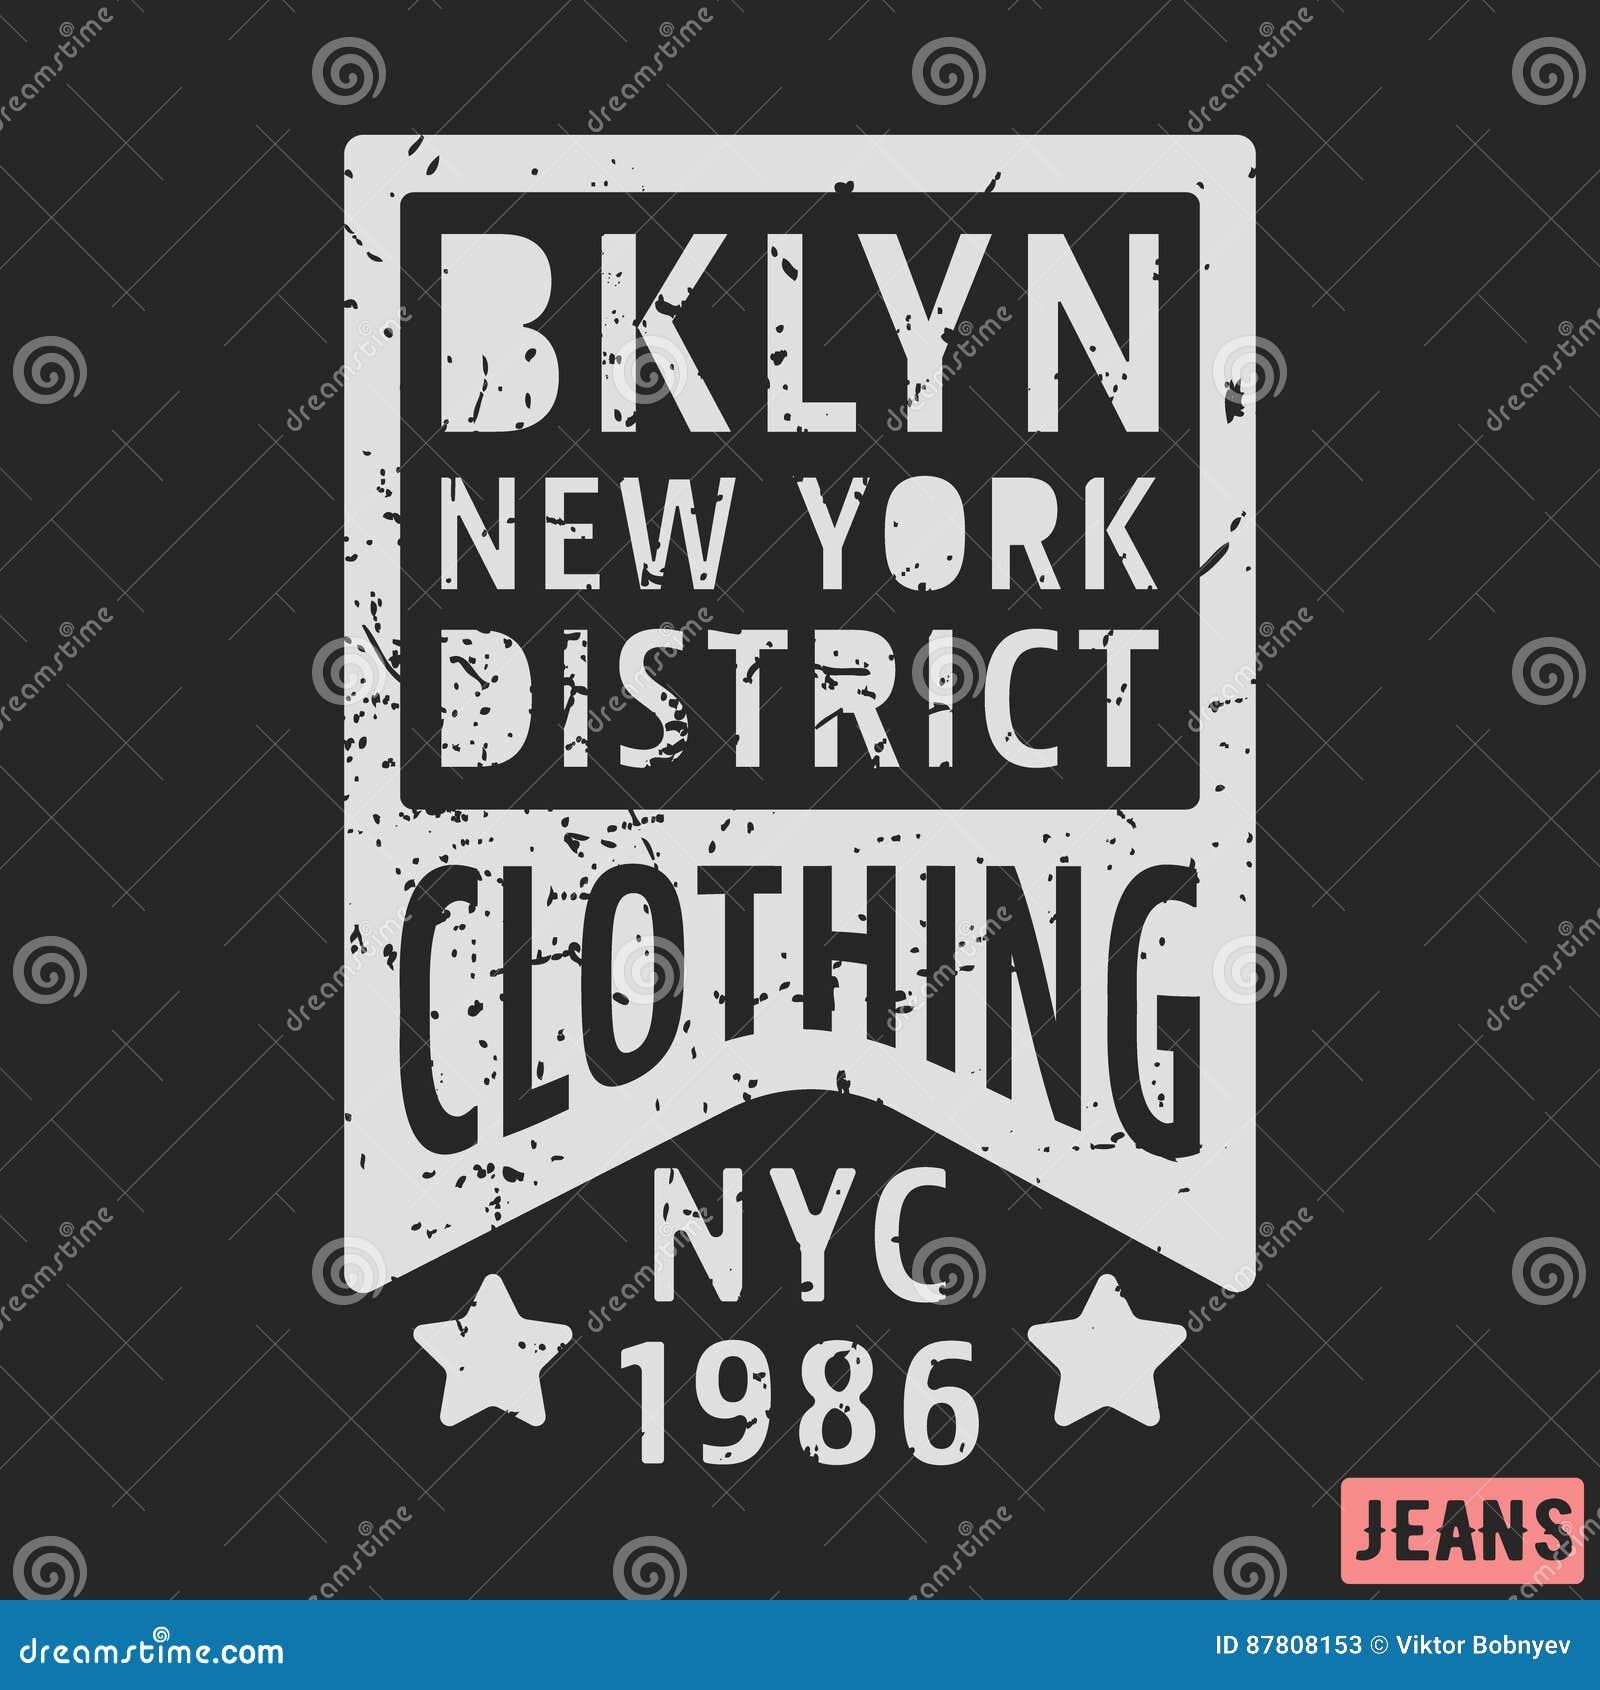 Brooklyn New York Vintage Stamp